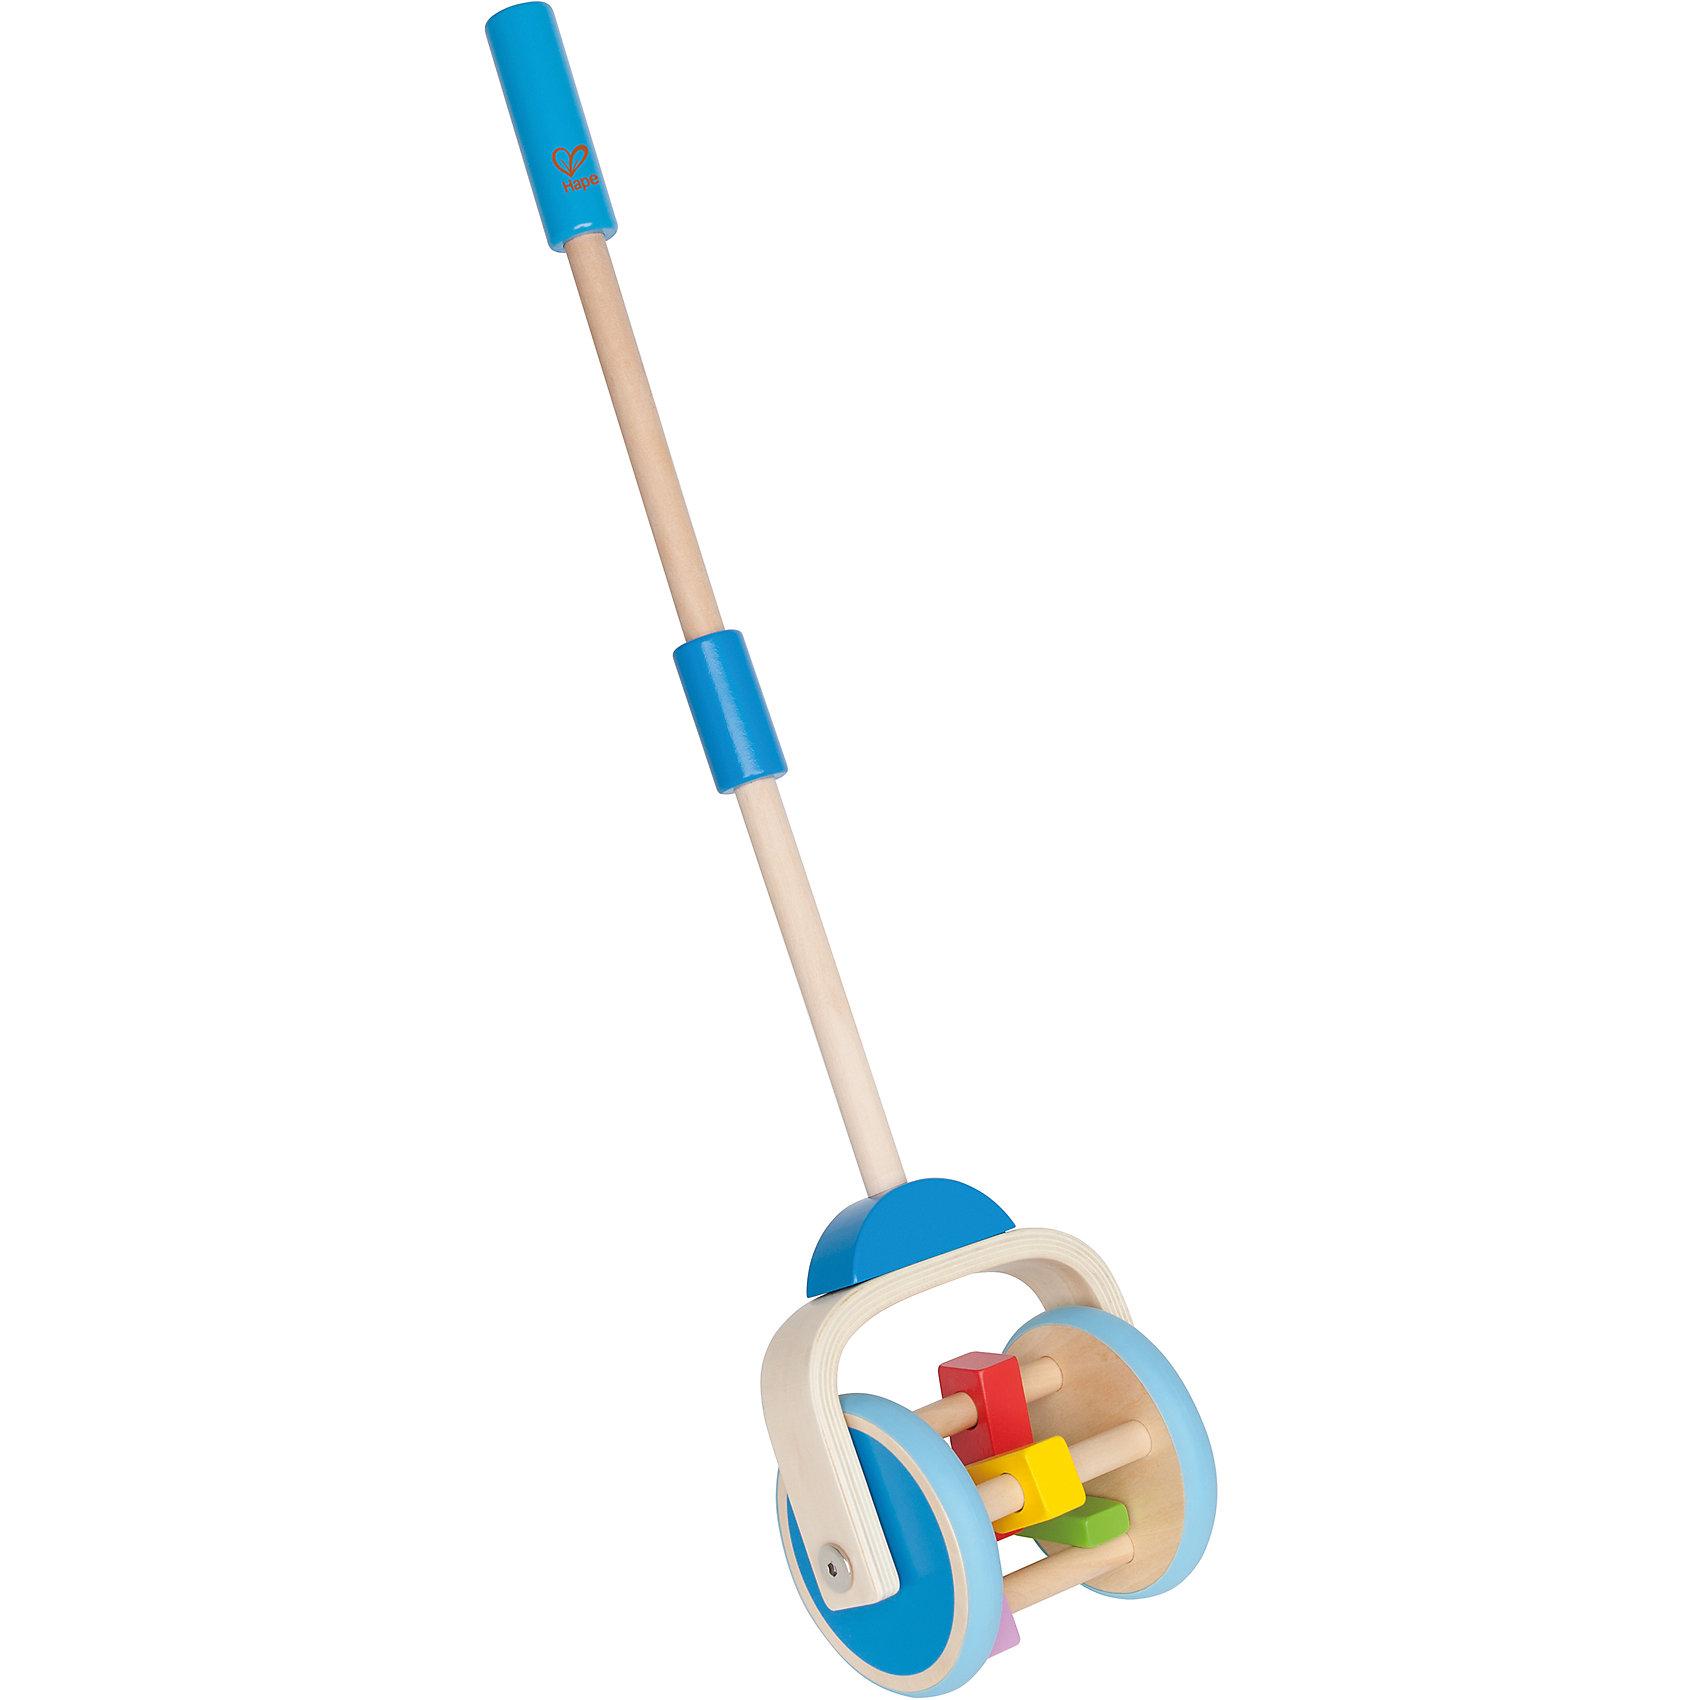 Каталка, HAPEИгрушки-каталки<br>Отличная игрушка для малышей которые только научились ходить. Веселые звуки, возникающие в процессе движения и подвижные детали (разноцветные фигурки, расположенные между колесами), вызывают интерес  ребенка и побуждают к активным движениям.<br>Игрушку можно использовать как на улице, так и в домашних условиях (прорезиненные колеса не повредят пол). Каталка выполнена из экологичных прочных материалов безопасных для малышей. <br><br>Дополнительная информация:<br><br>- Высота: 56,5 см.<br>- Материал: дерево.<br><br>Каталку, HAPE (Хапе), можно купить в нашем магазине.<br><br>Ширина мм: 180<br>Глубина мм: 180<br>Высота мм: 180<br>Вес г: 180<br>Возраст от месяцев: 12<br>Возраст до месяцев: 36<br>Пол: Унисекс<br>Возраст: Детский<br>SKU: 4729136